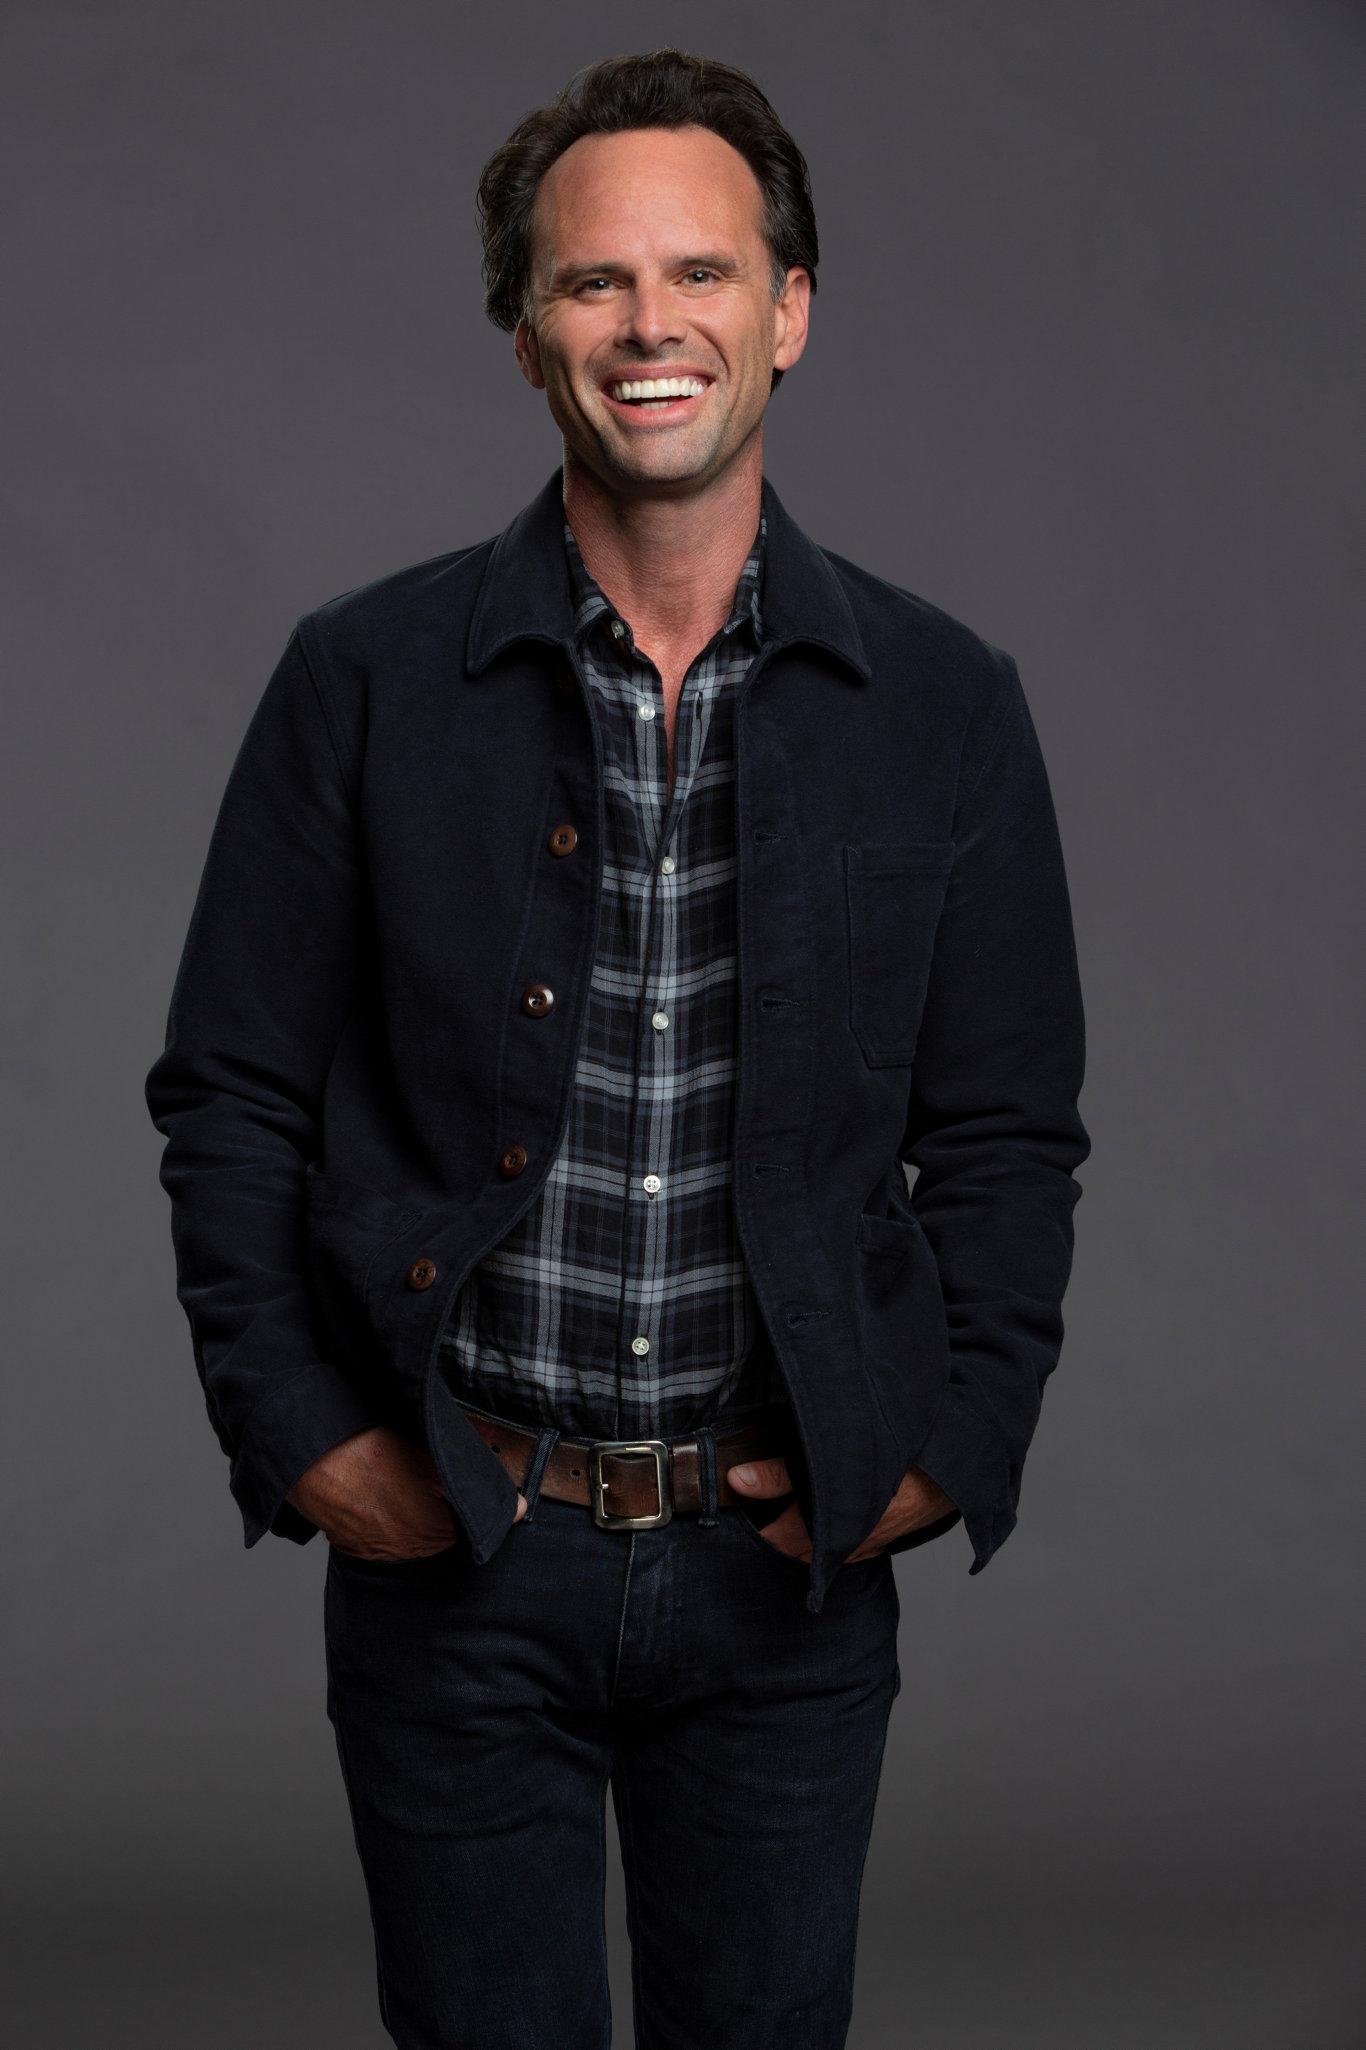 Walton Goggins stars in the sitcom The Unicorn.